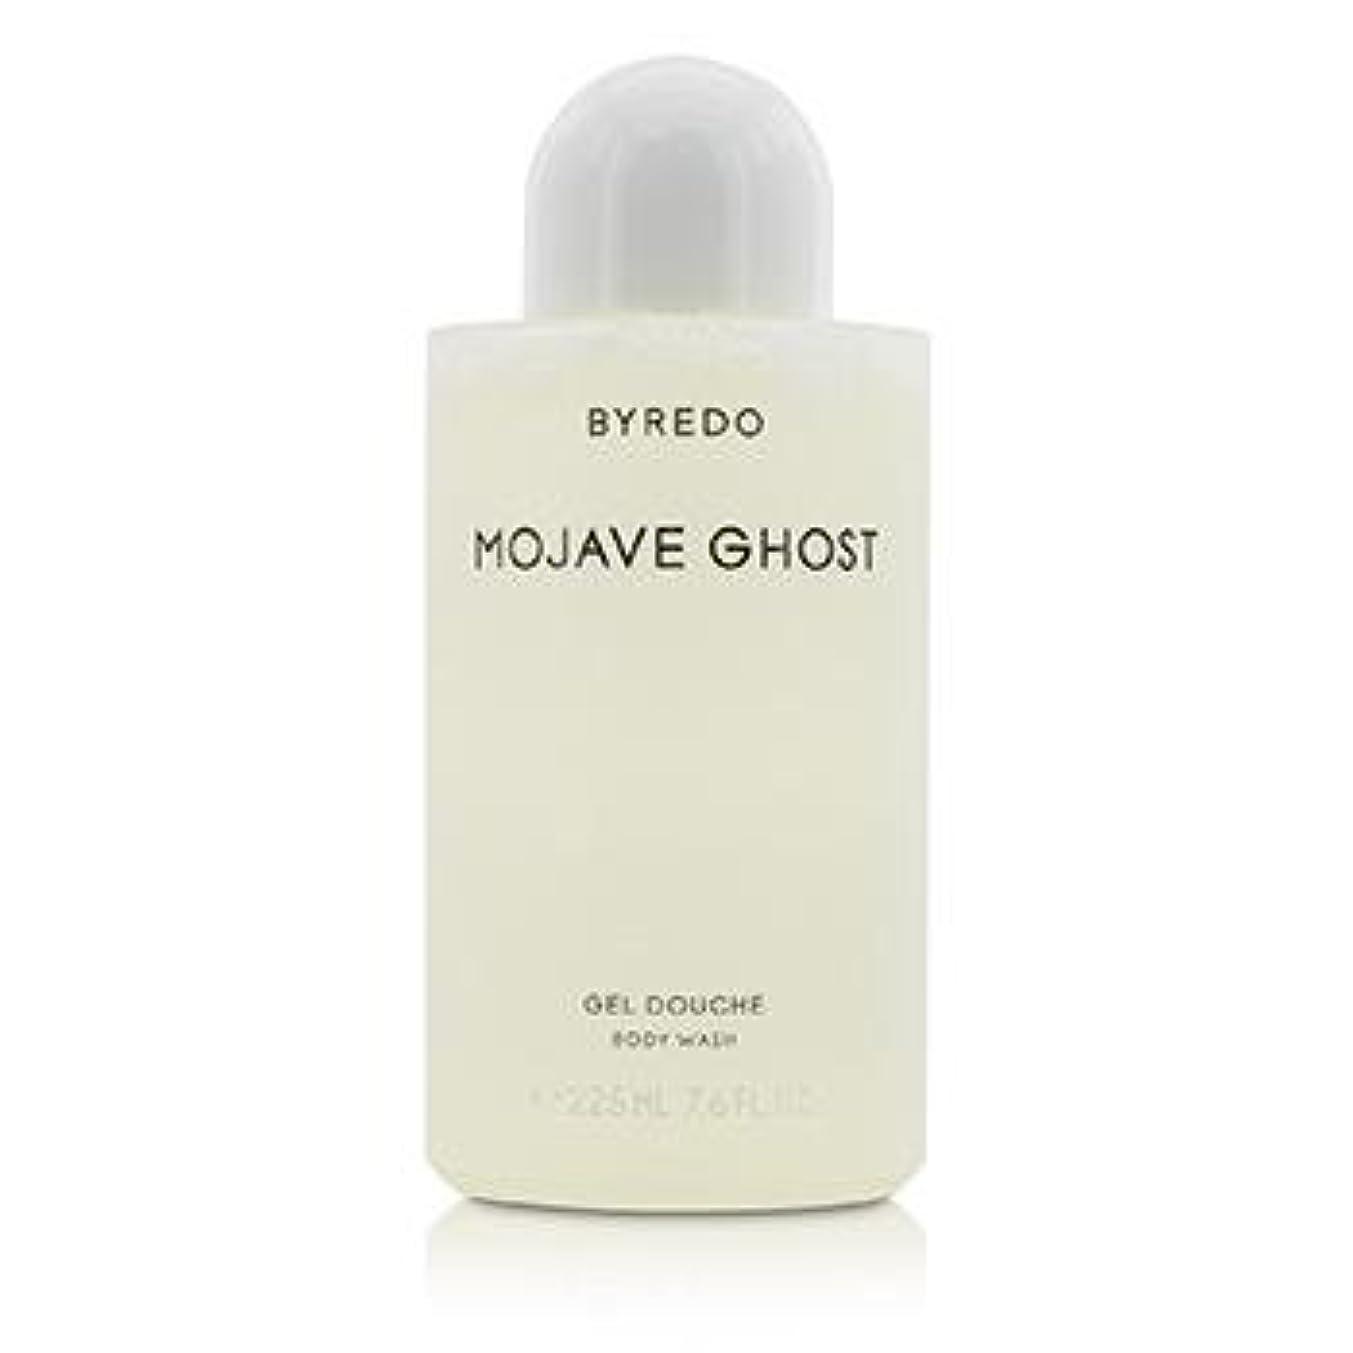 ジャンルカウンターパートトリップバレード Mojave Ghost Body Wash 225ml